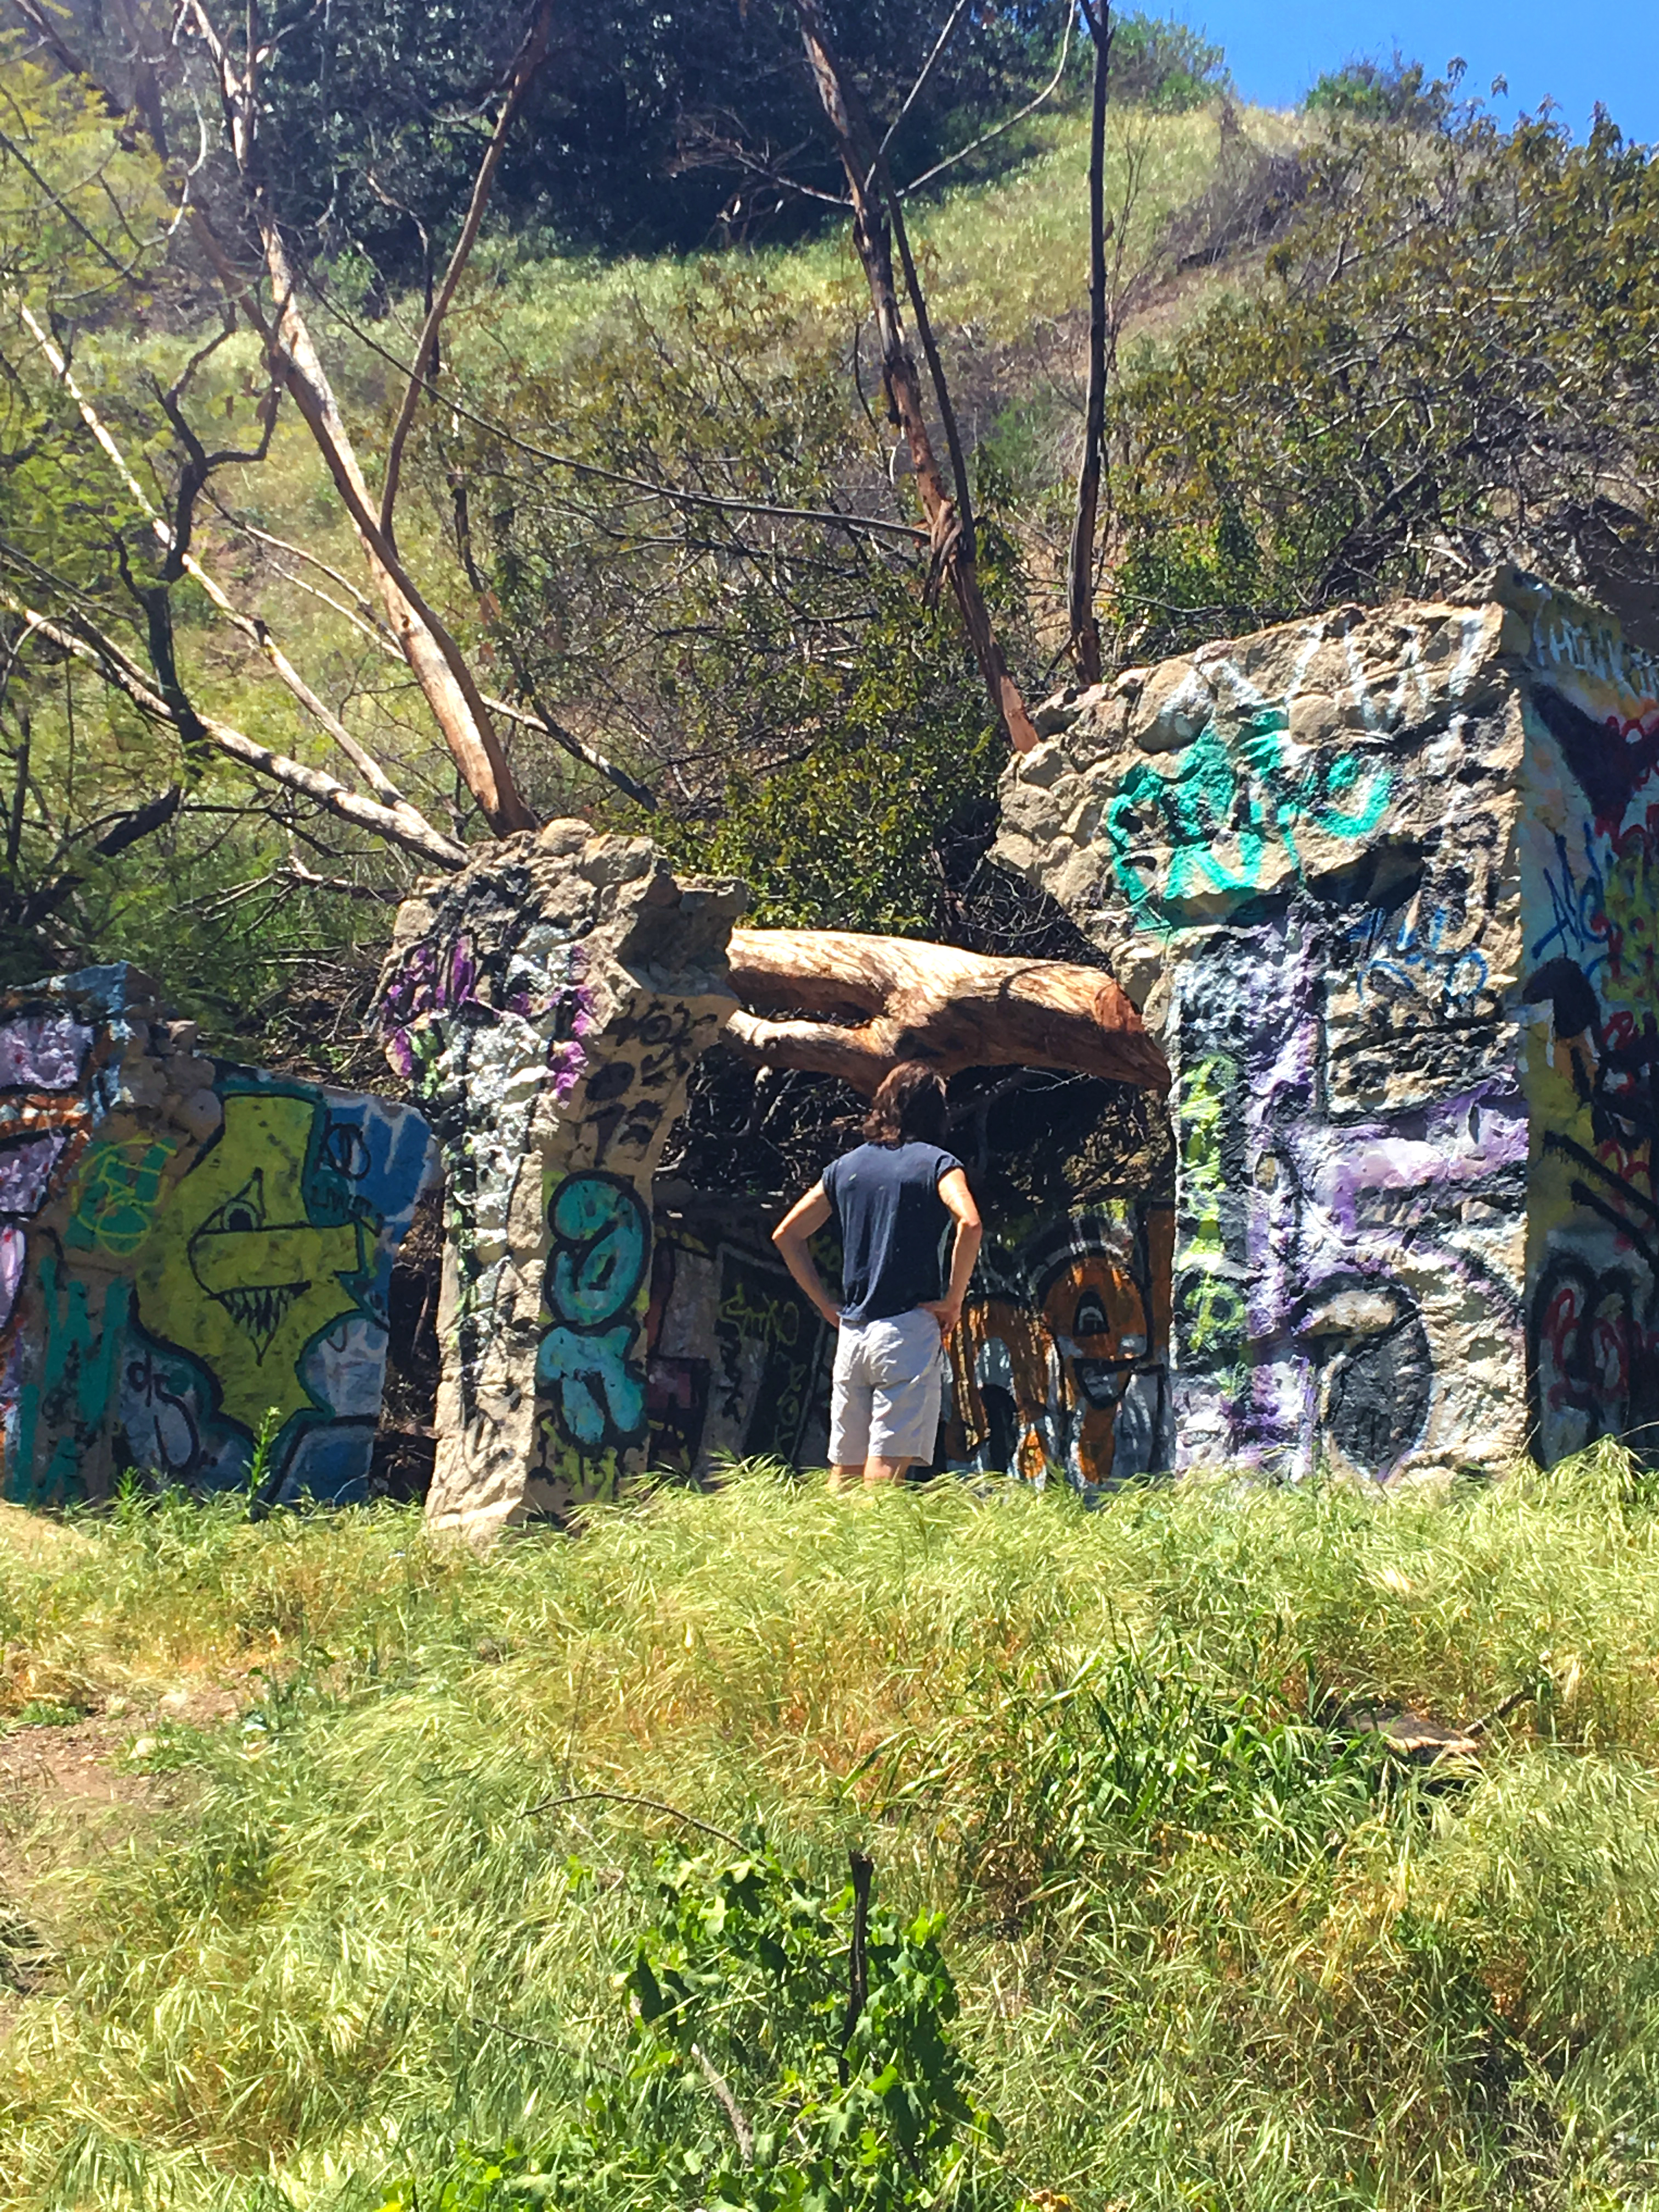 ethan hiked to runyon graffiti ruins